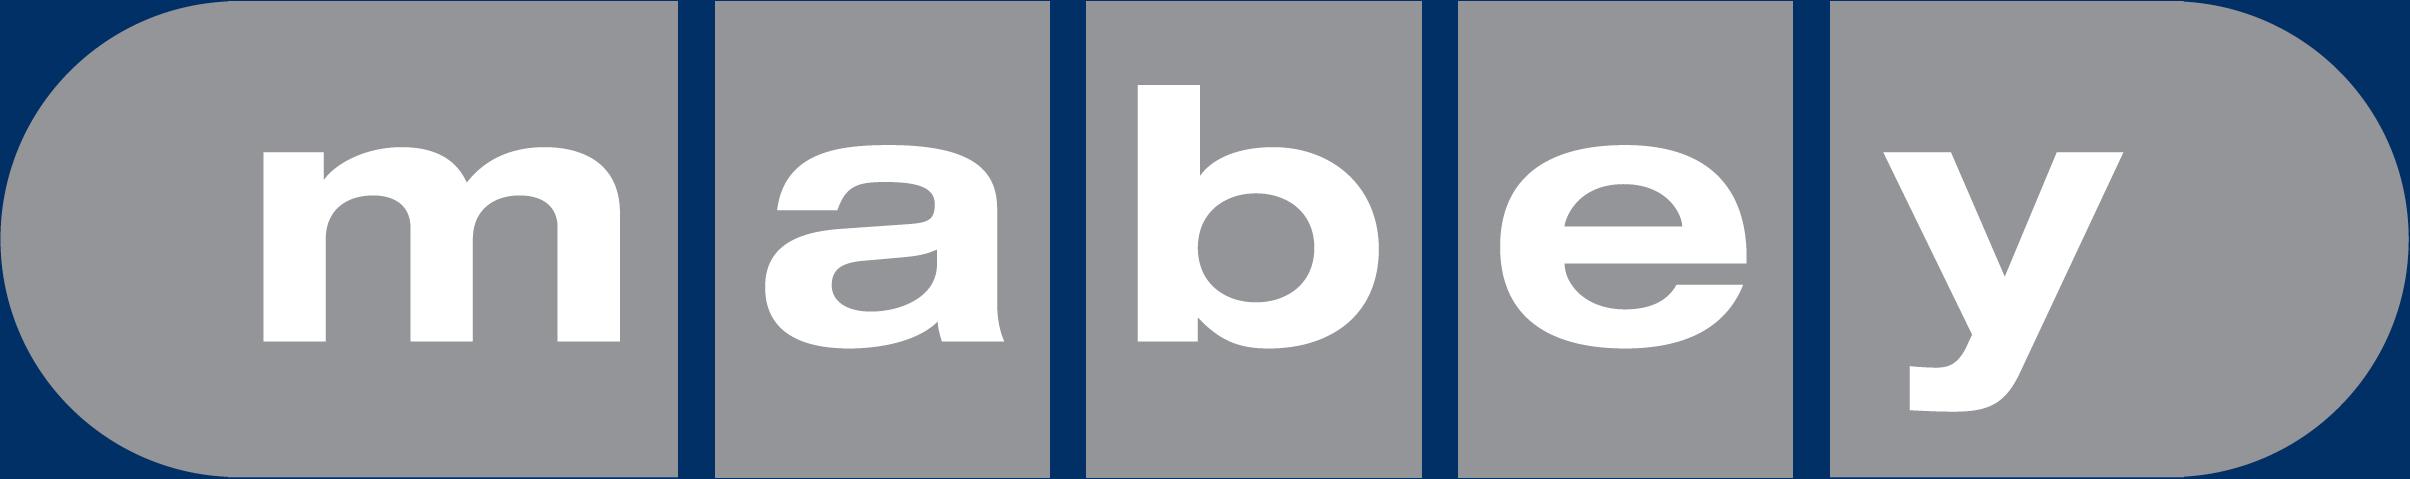 mabey-logo-silver